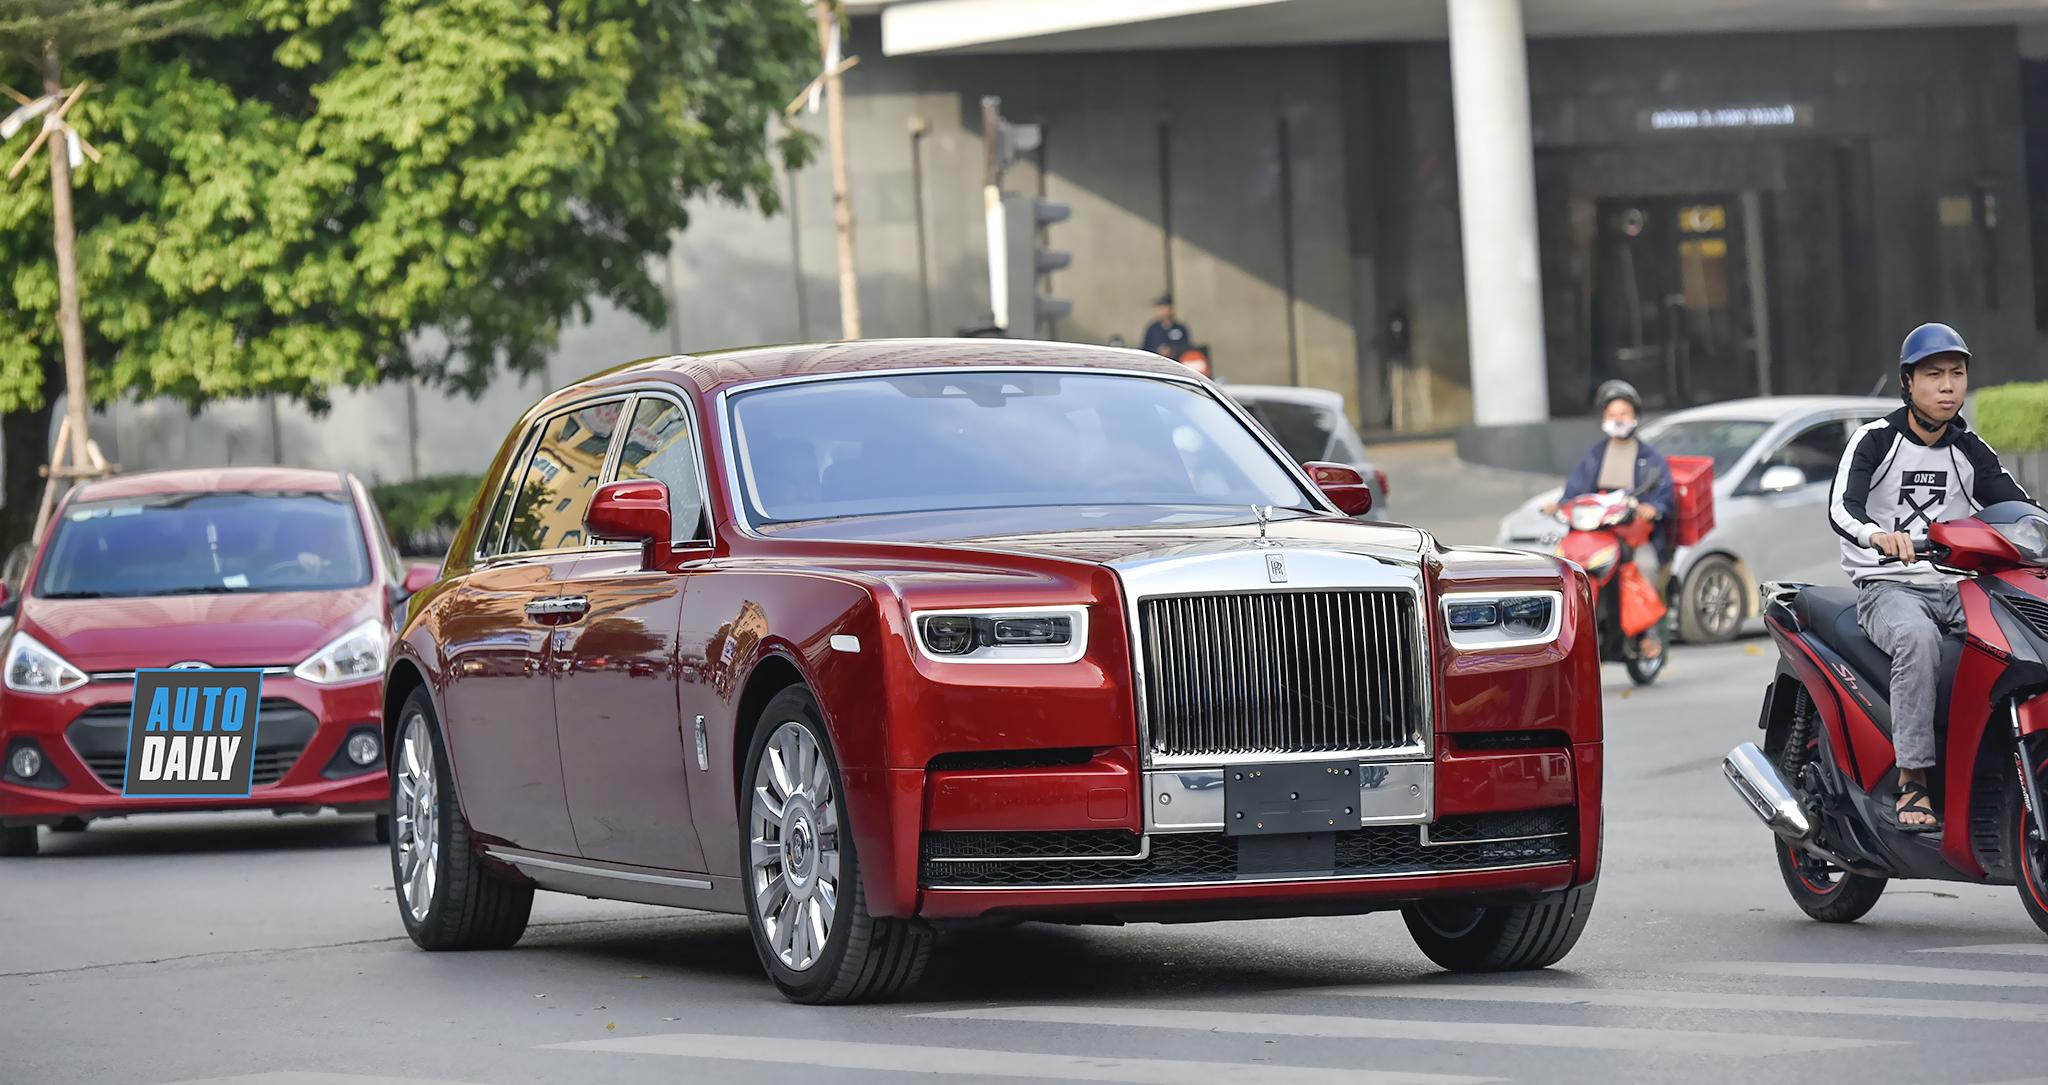 Siêu phẩm Rolls-Royce Phantom VIII đầu tiên về Việt Nam